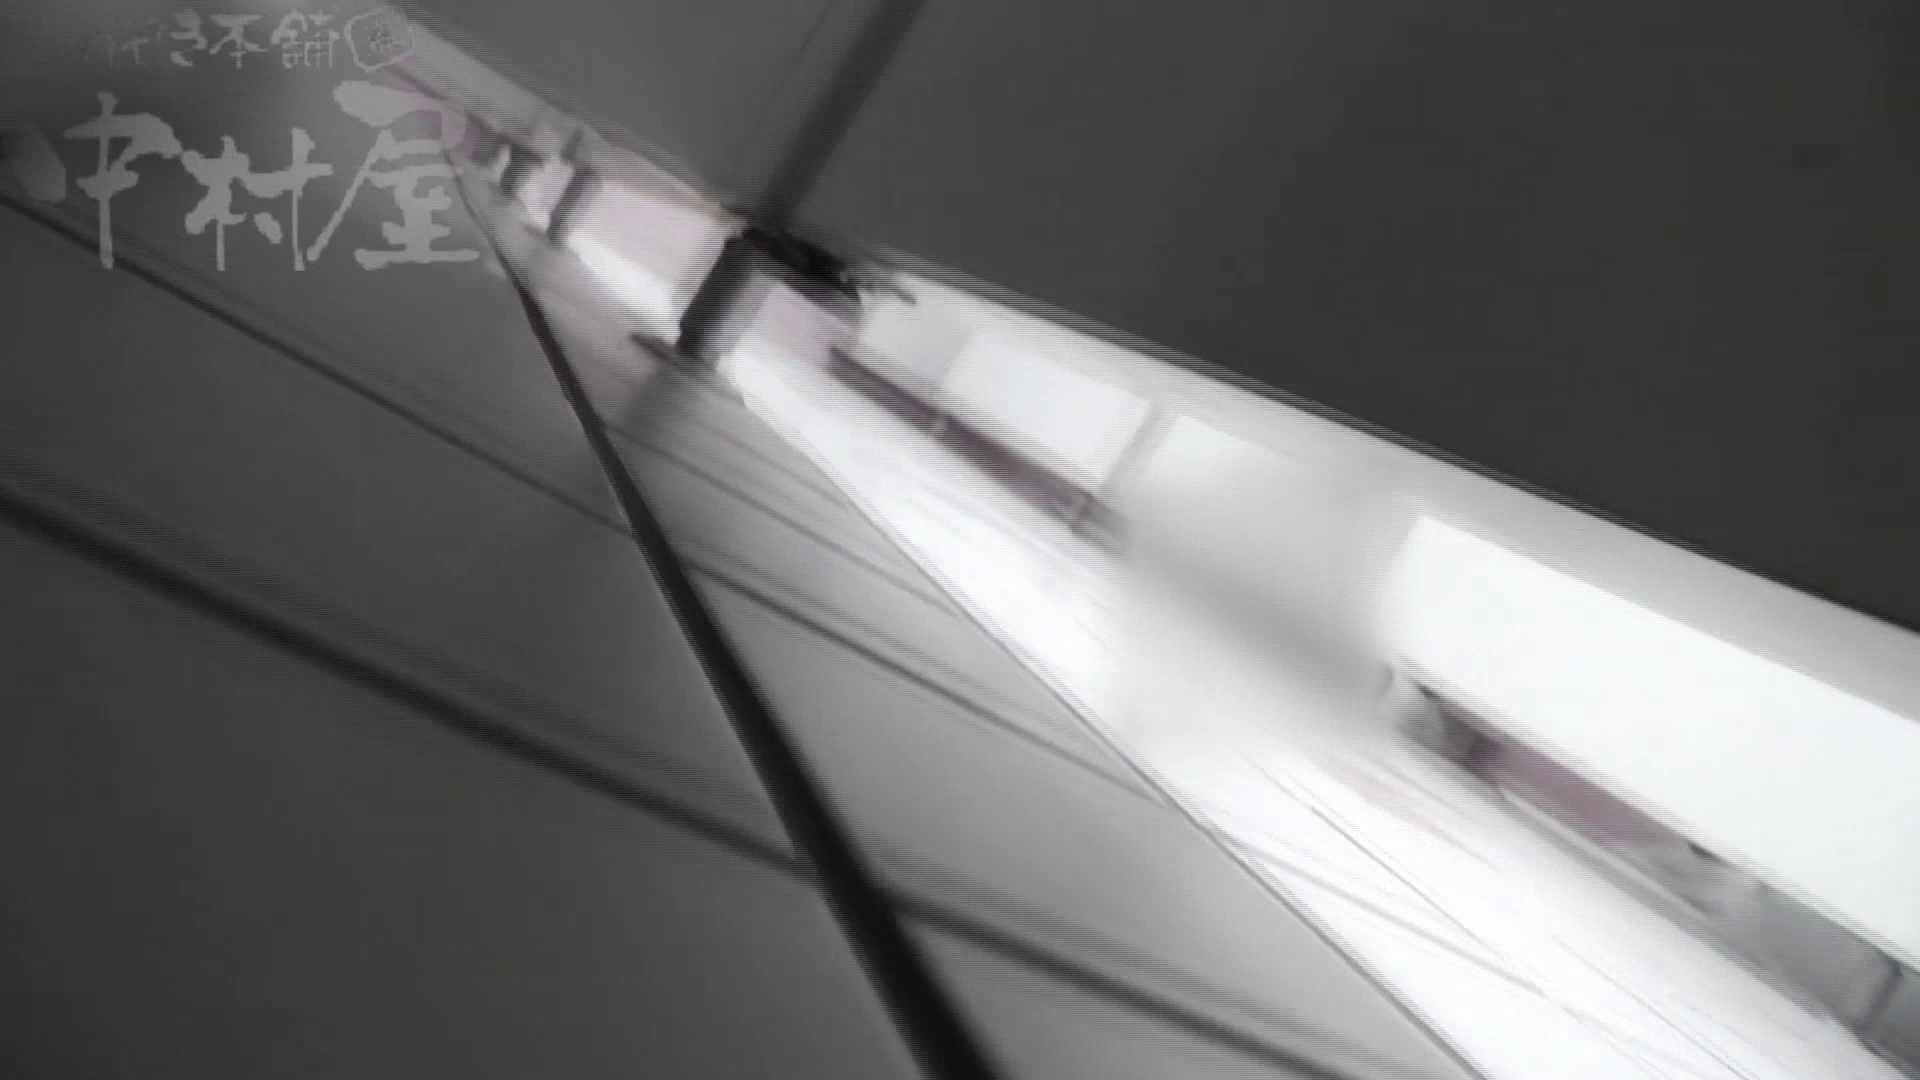 美しい日本の未来 No.31 新しいアングルに挑戦 卑猥 のぞき動画キャプチャ 10枚 8